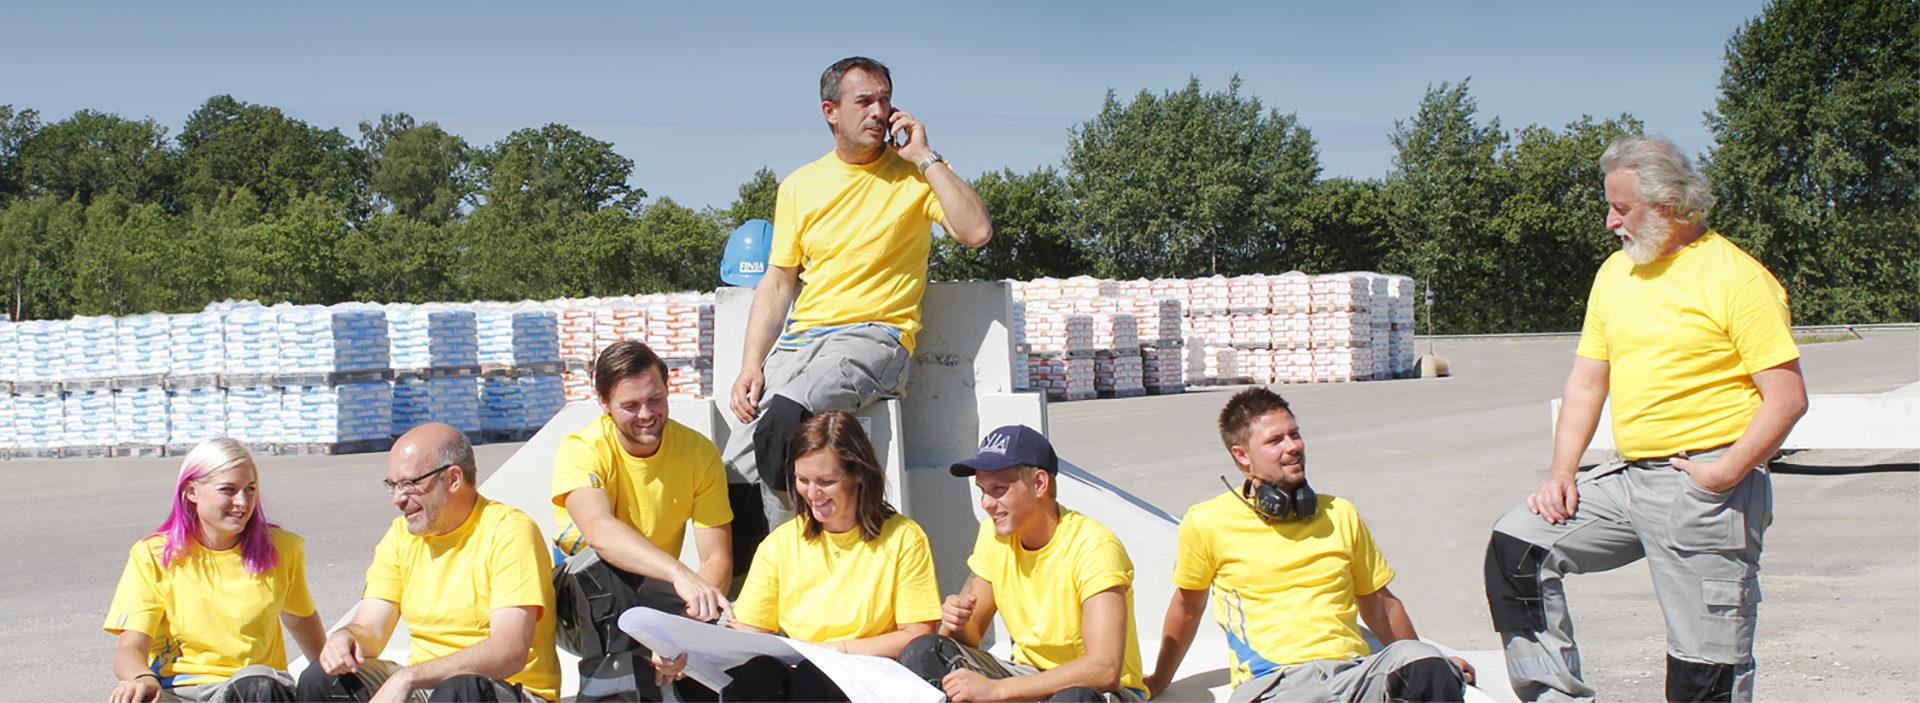 Medarbetare med gula Finja-tröjor